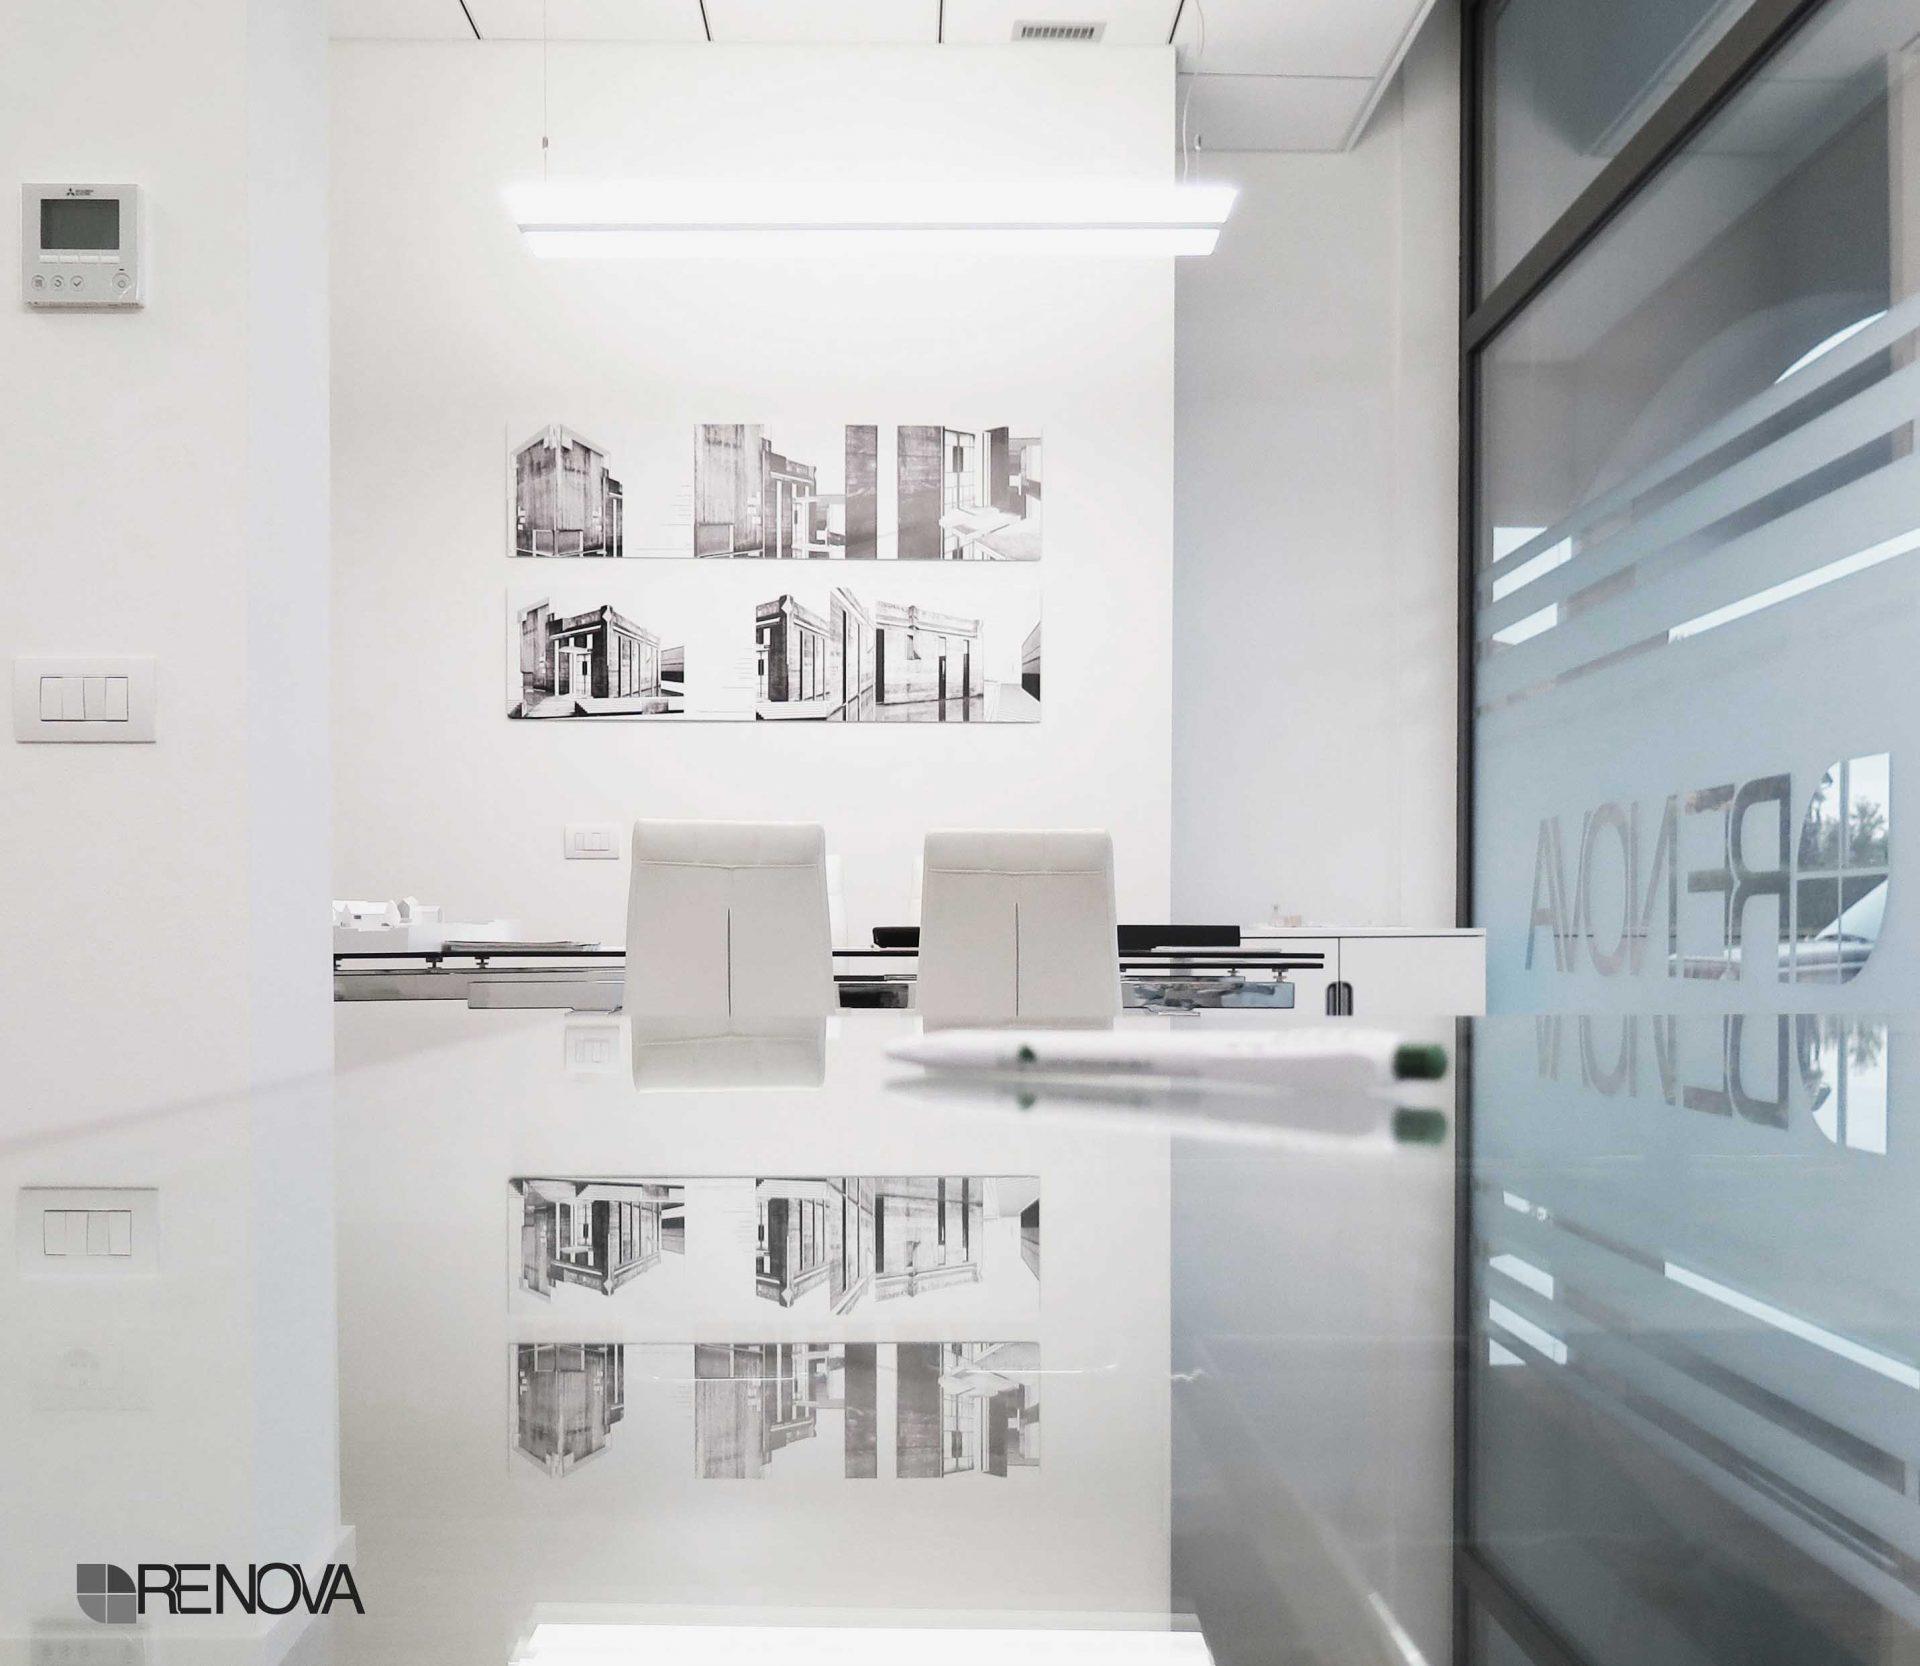 Foto dello studio interno.